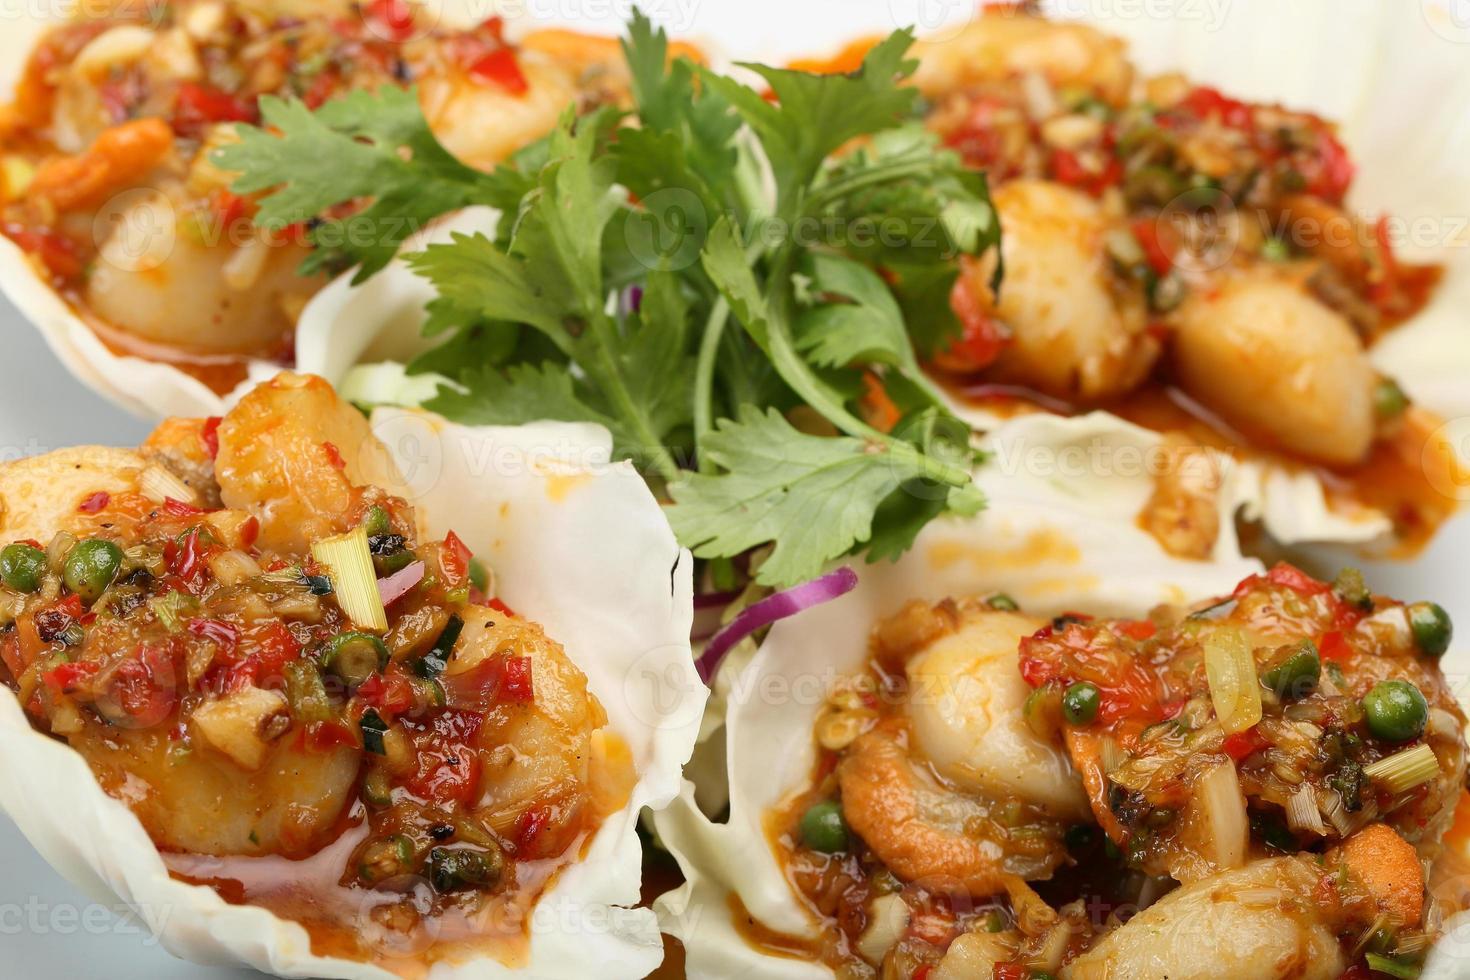 fruits de mer épicés frits sur une feuille de laitue photo